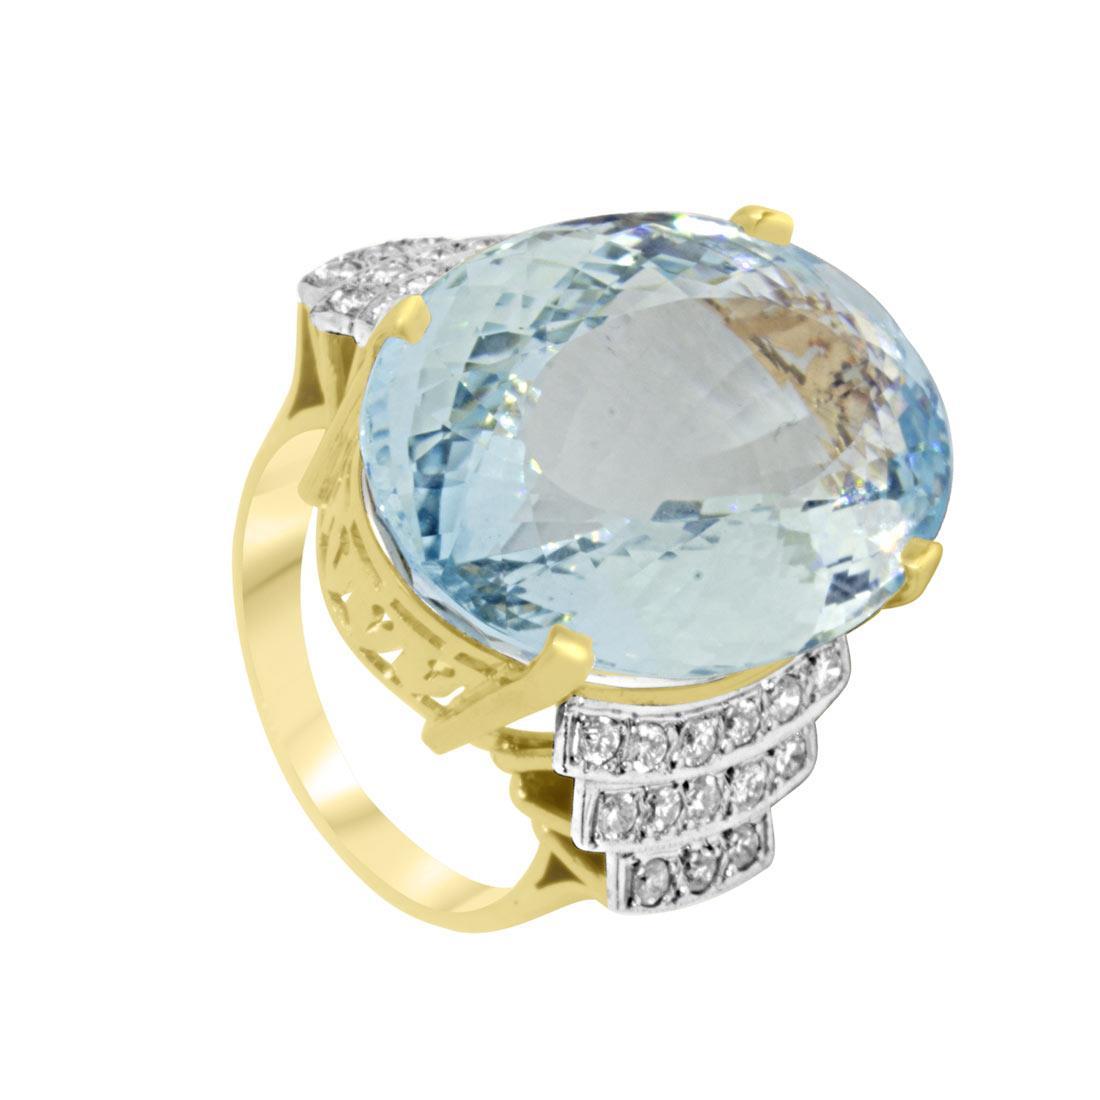 Anello in oro giallo con diamanti ct 0.90 e pietra azzurra, misura 14 - ORO&CO